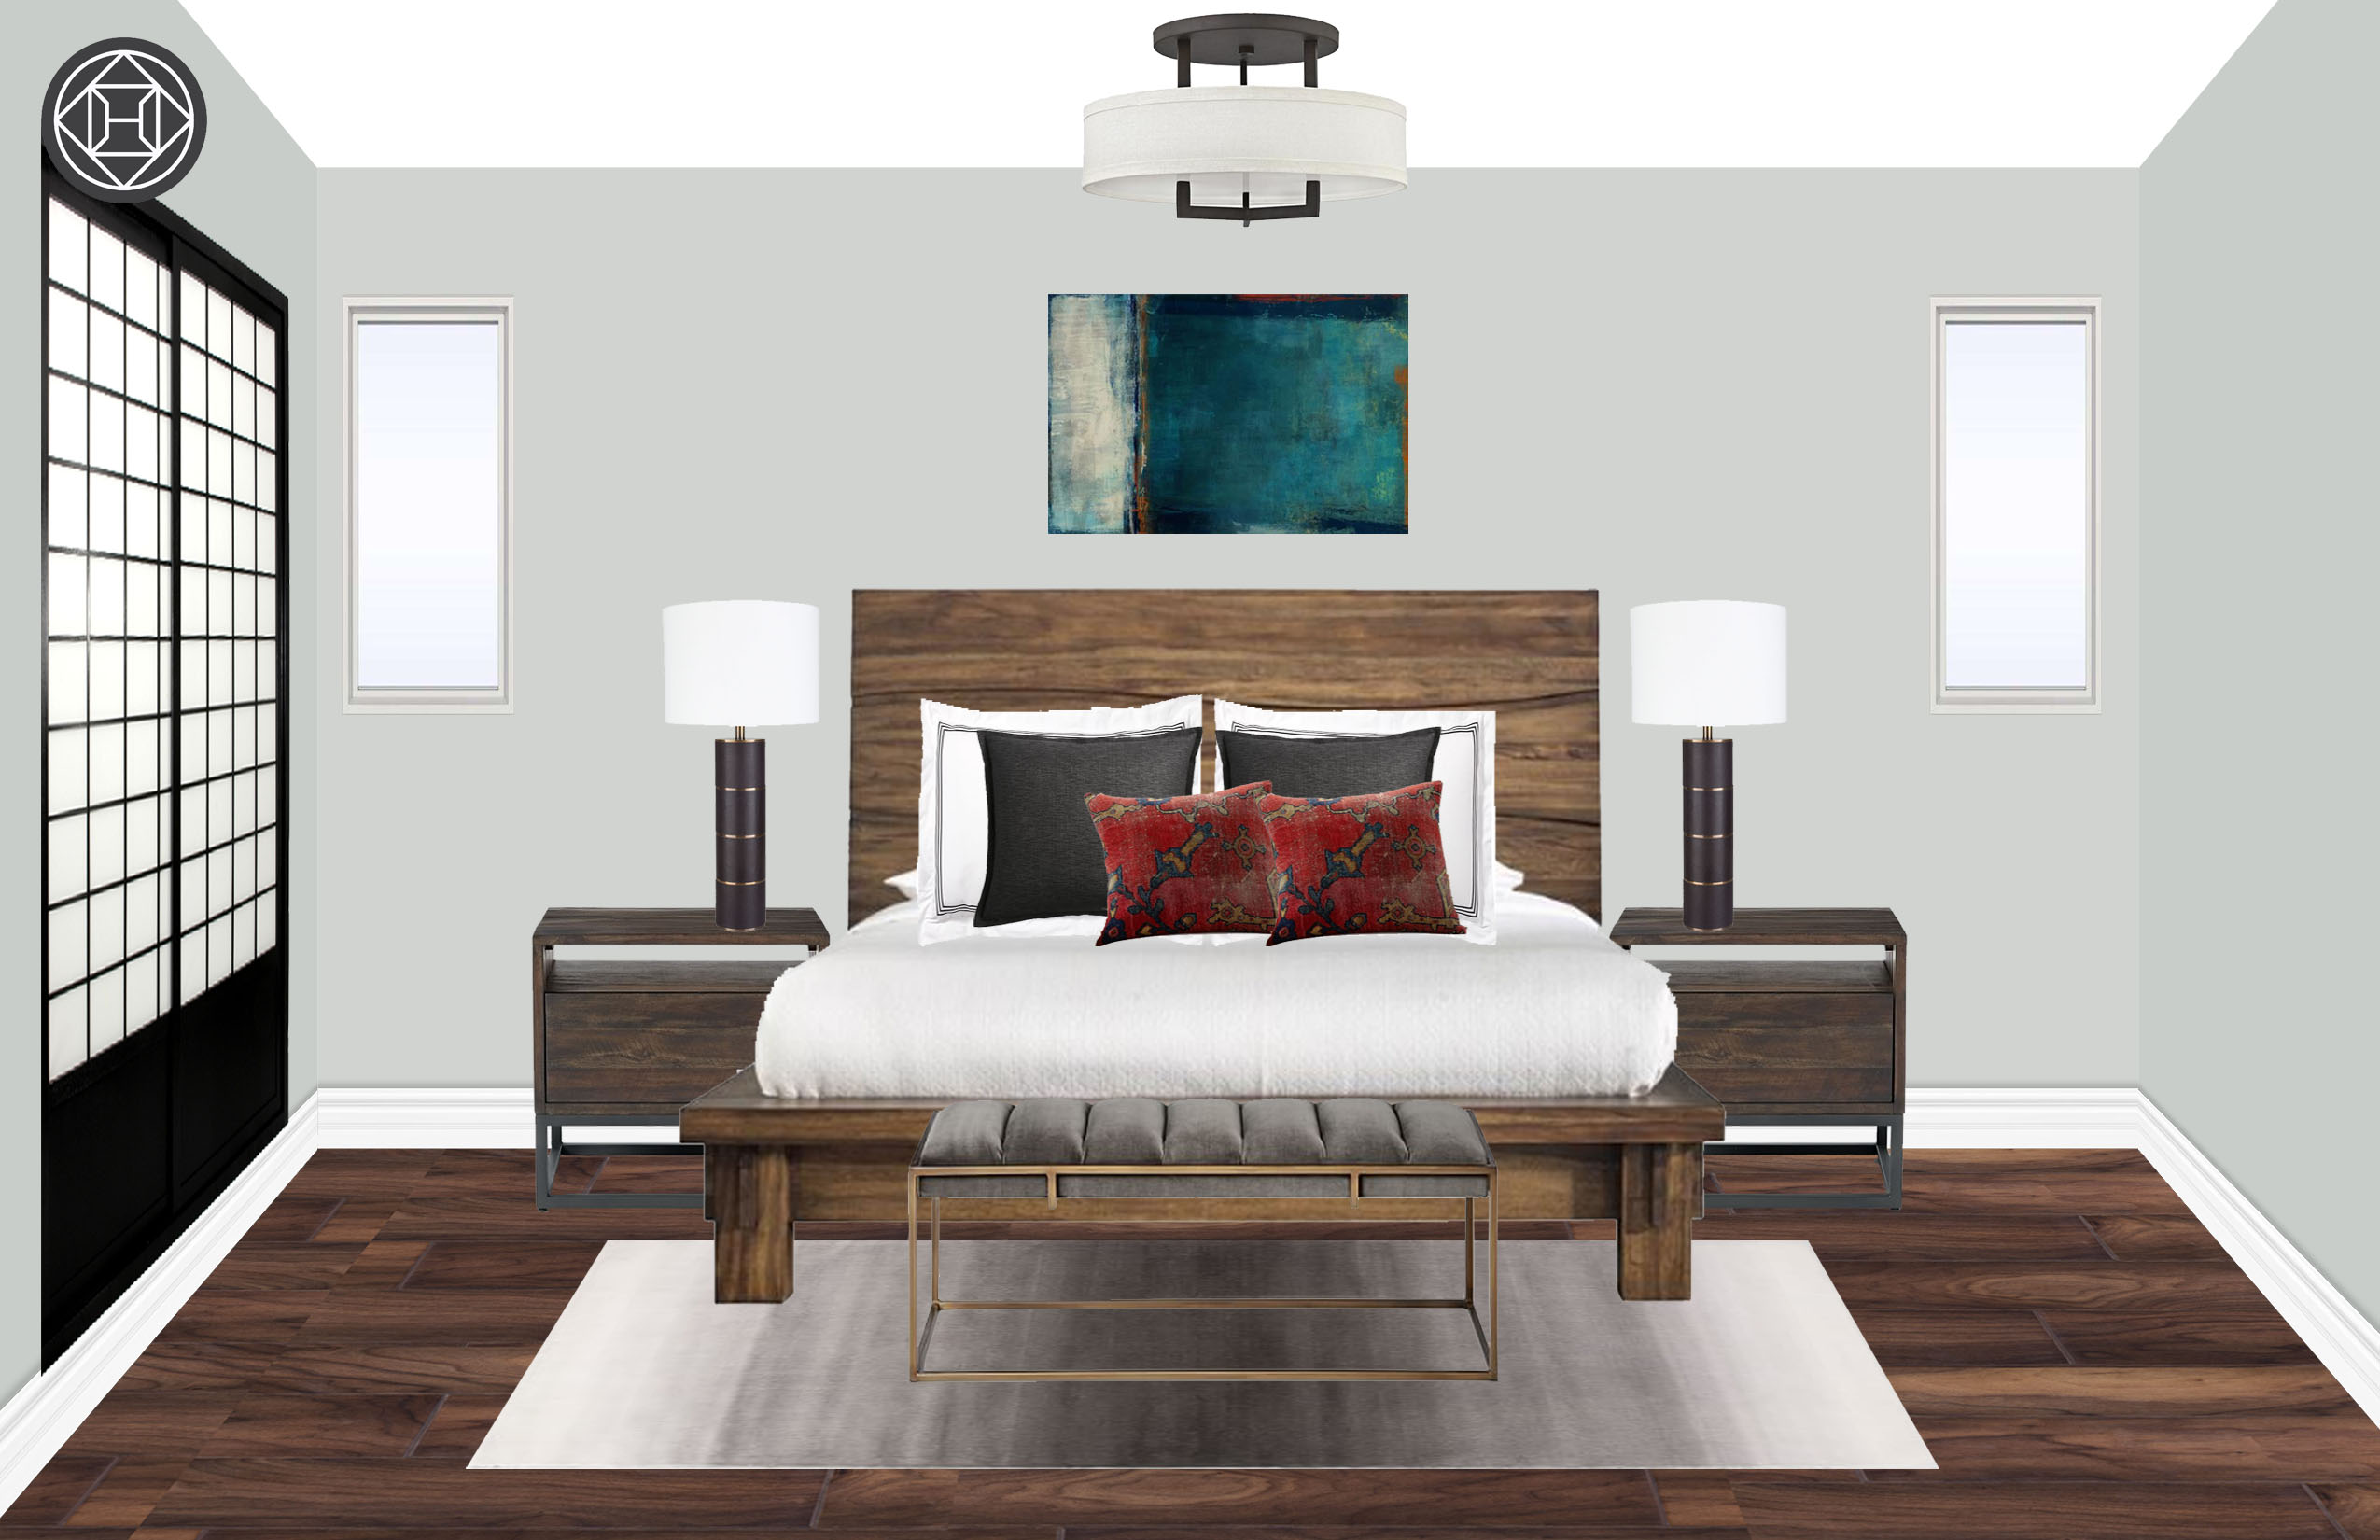 nicole sheahan interior designer havenly nicole zen bedroom